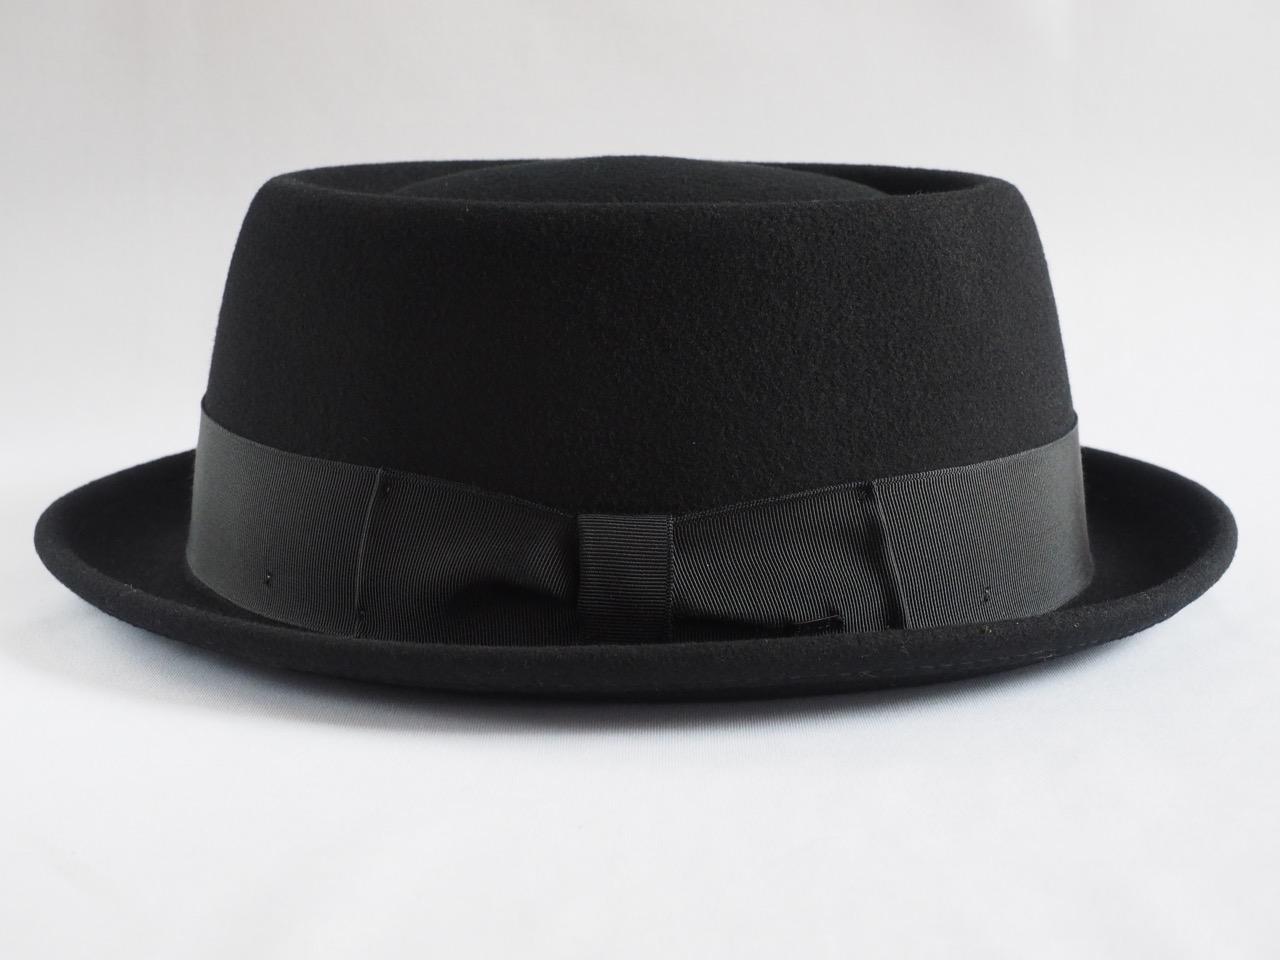 軽くて暖かいフェルトの帽子